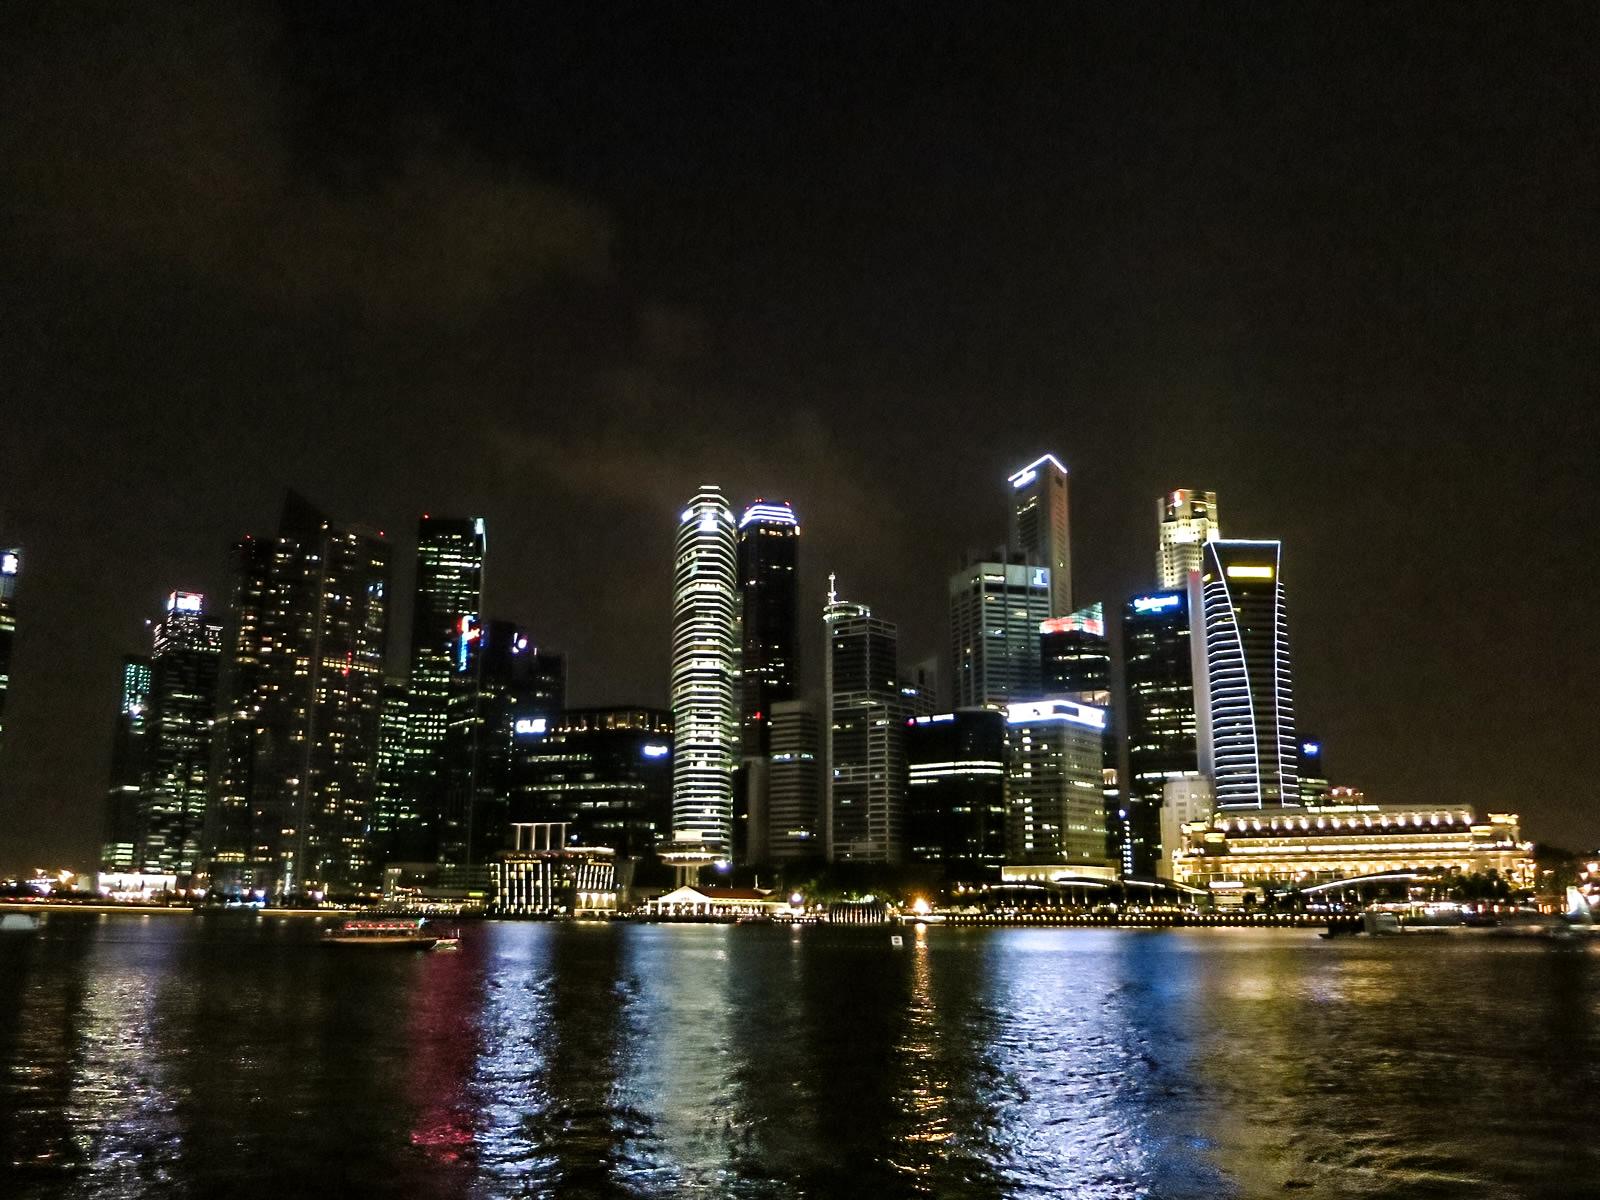 シンガポールの画像・写真 フリー素材一覧|商用利用可能